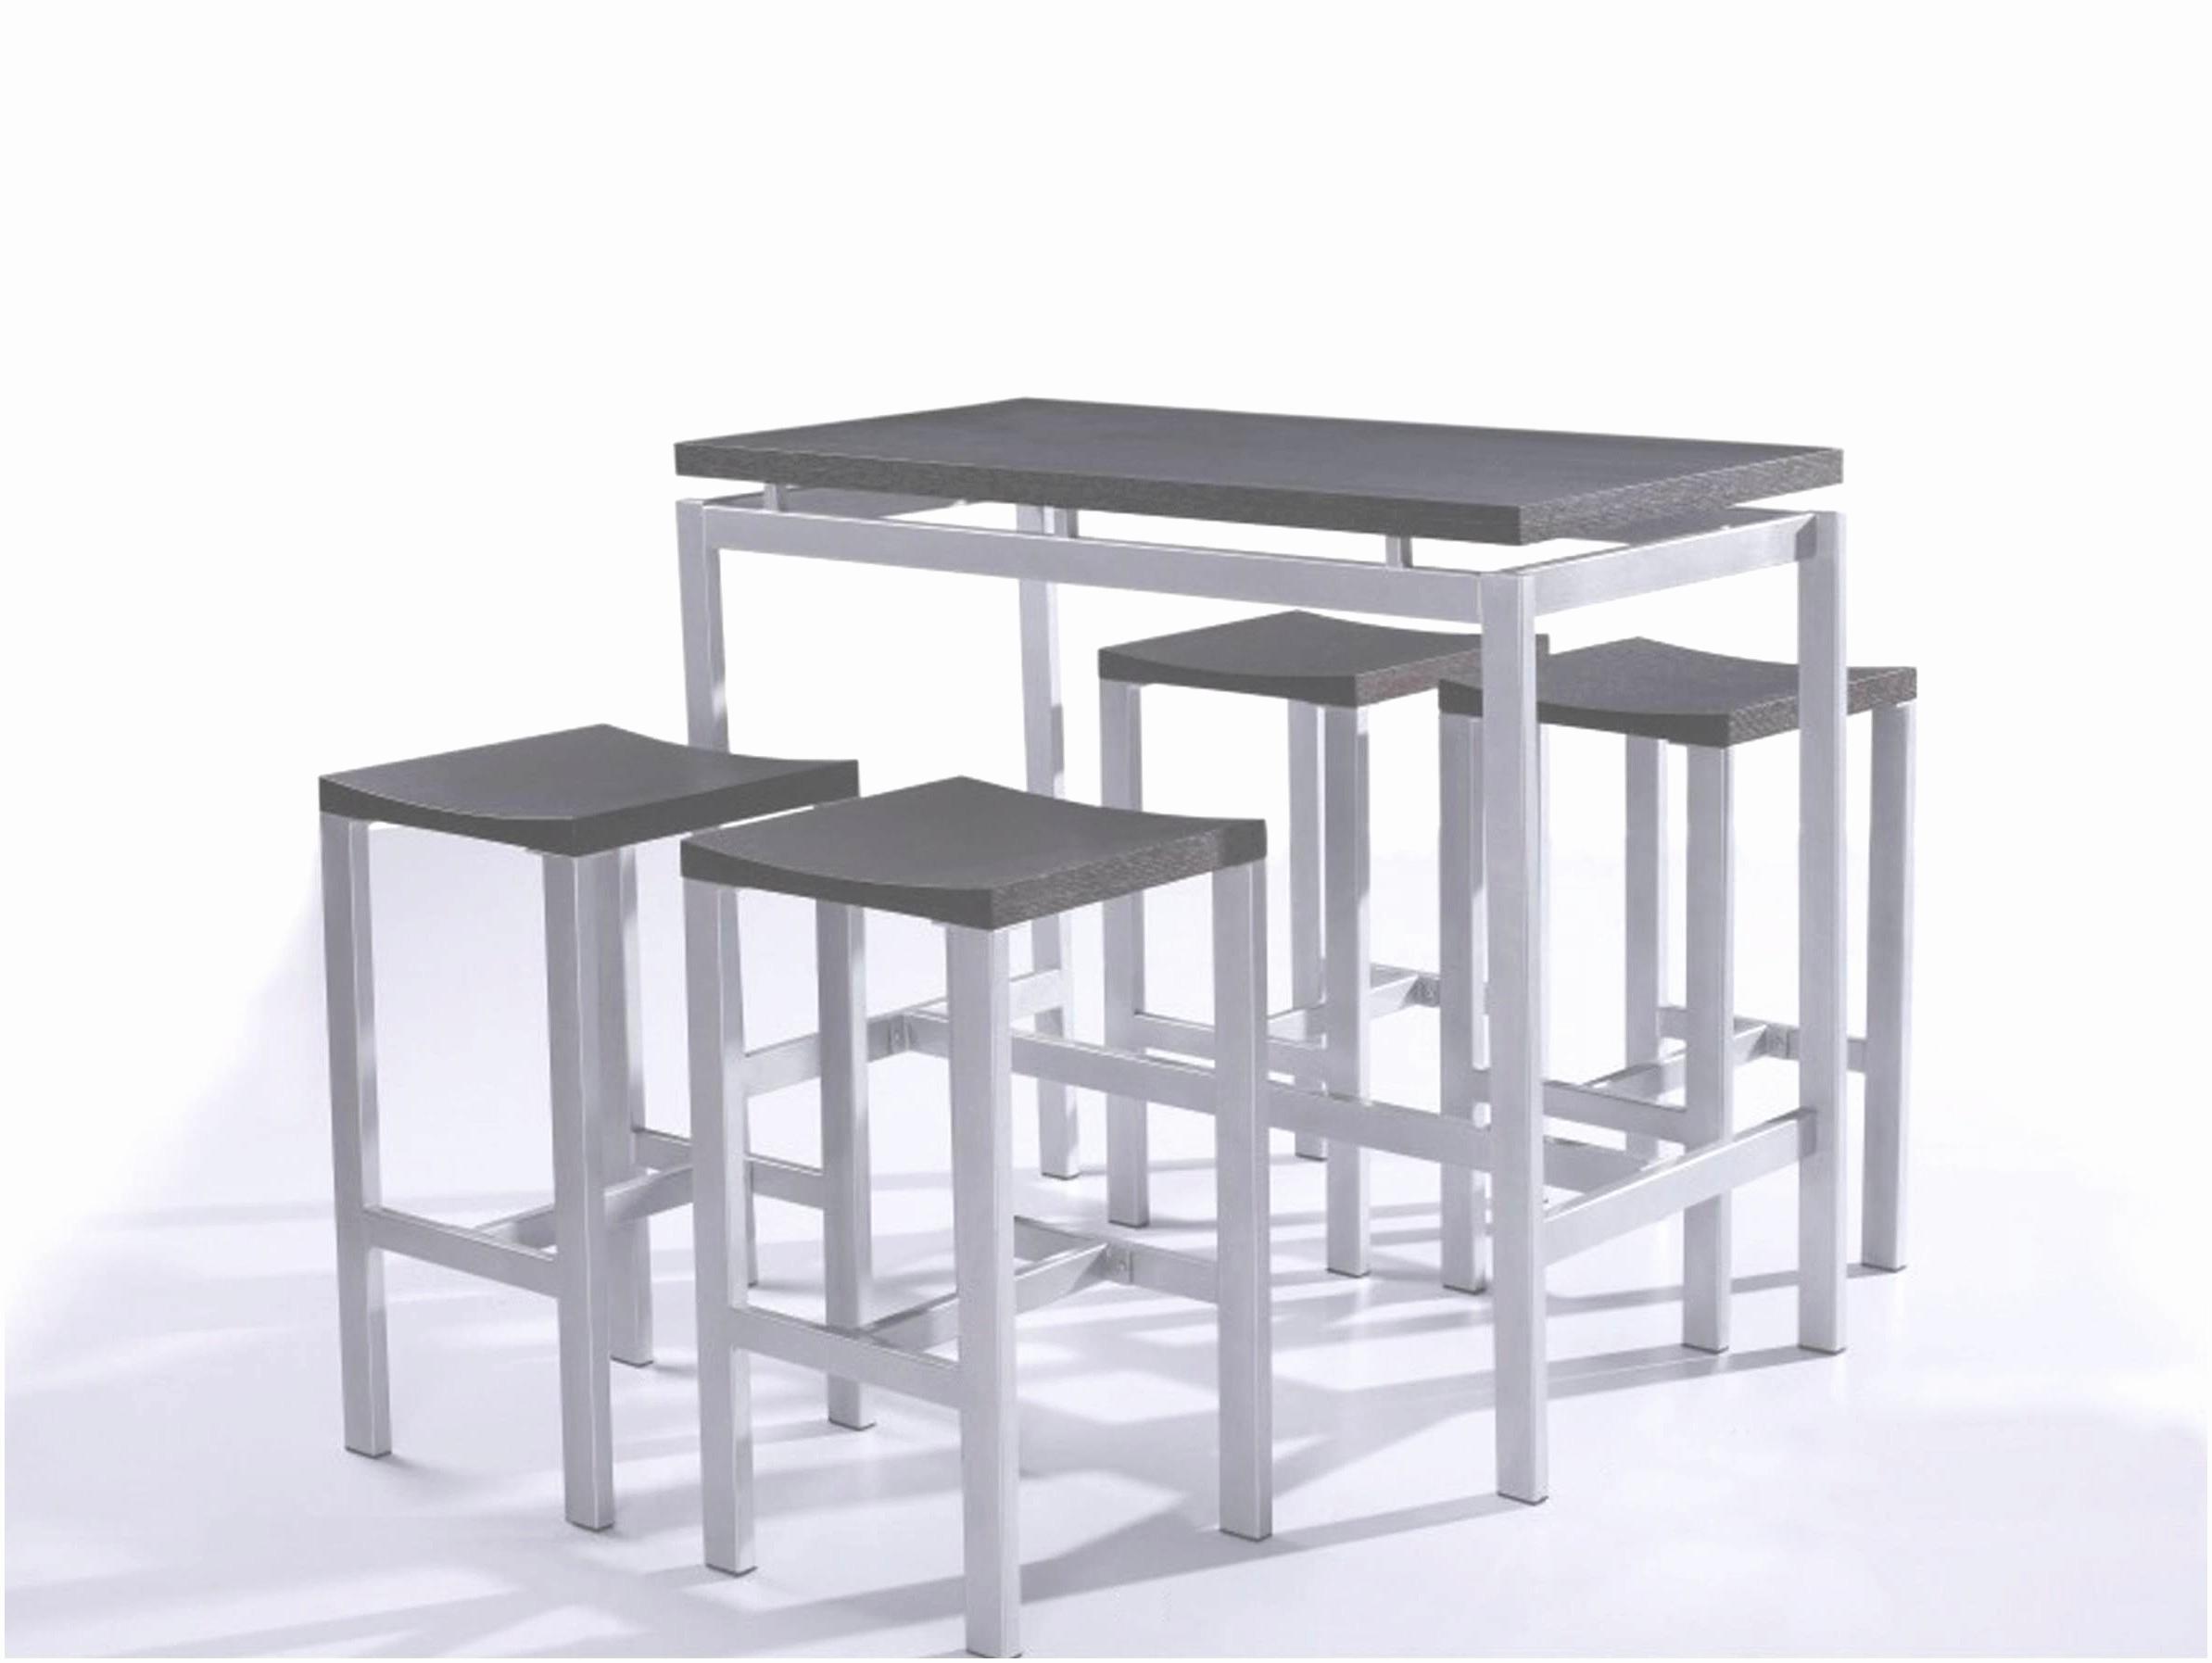 Table Pliante Carrefour Impressionnant Galerie Table Pliante De Cuisine Frais Table Et Chaise Pliante Chaise